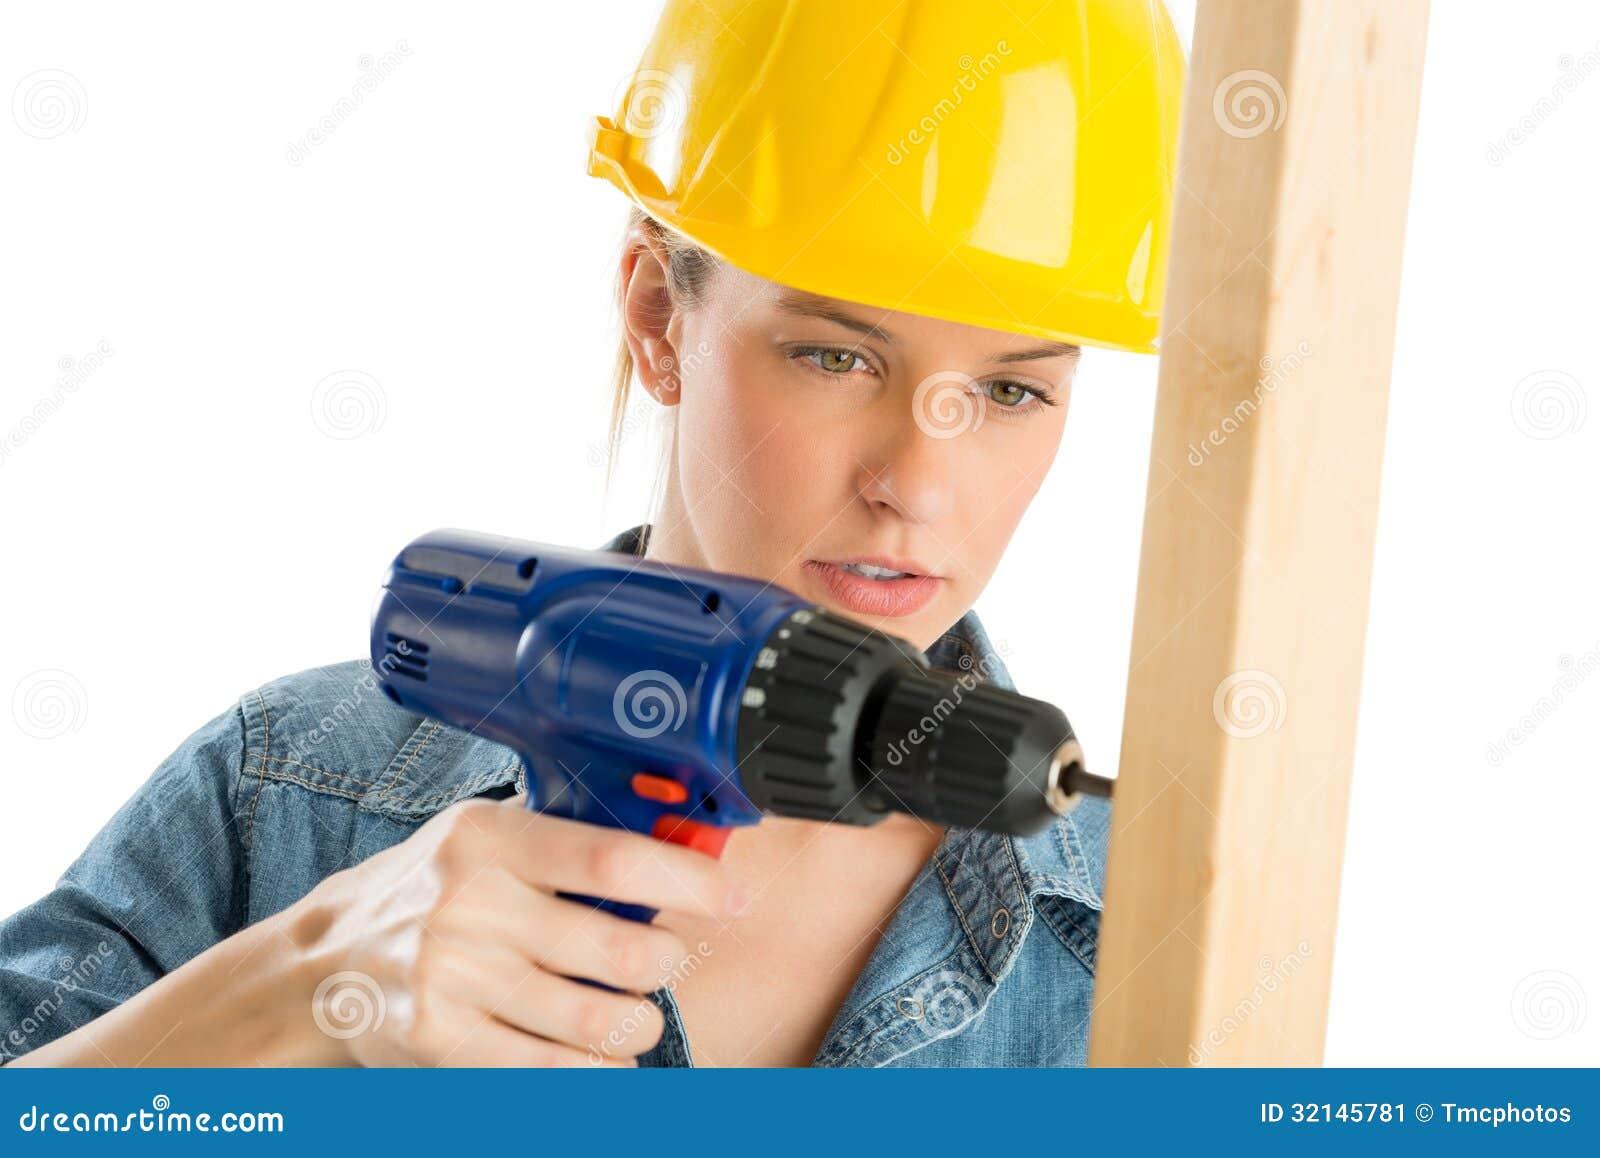 Byggnadsarbetare Using Cordless Drill på träplanka